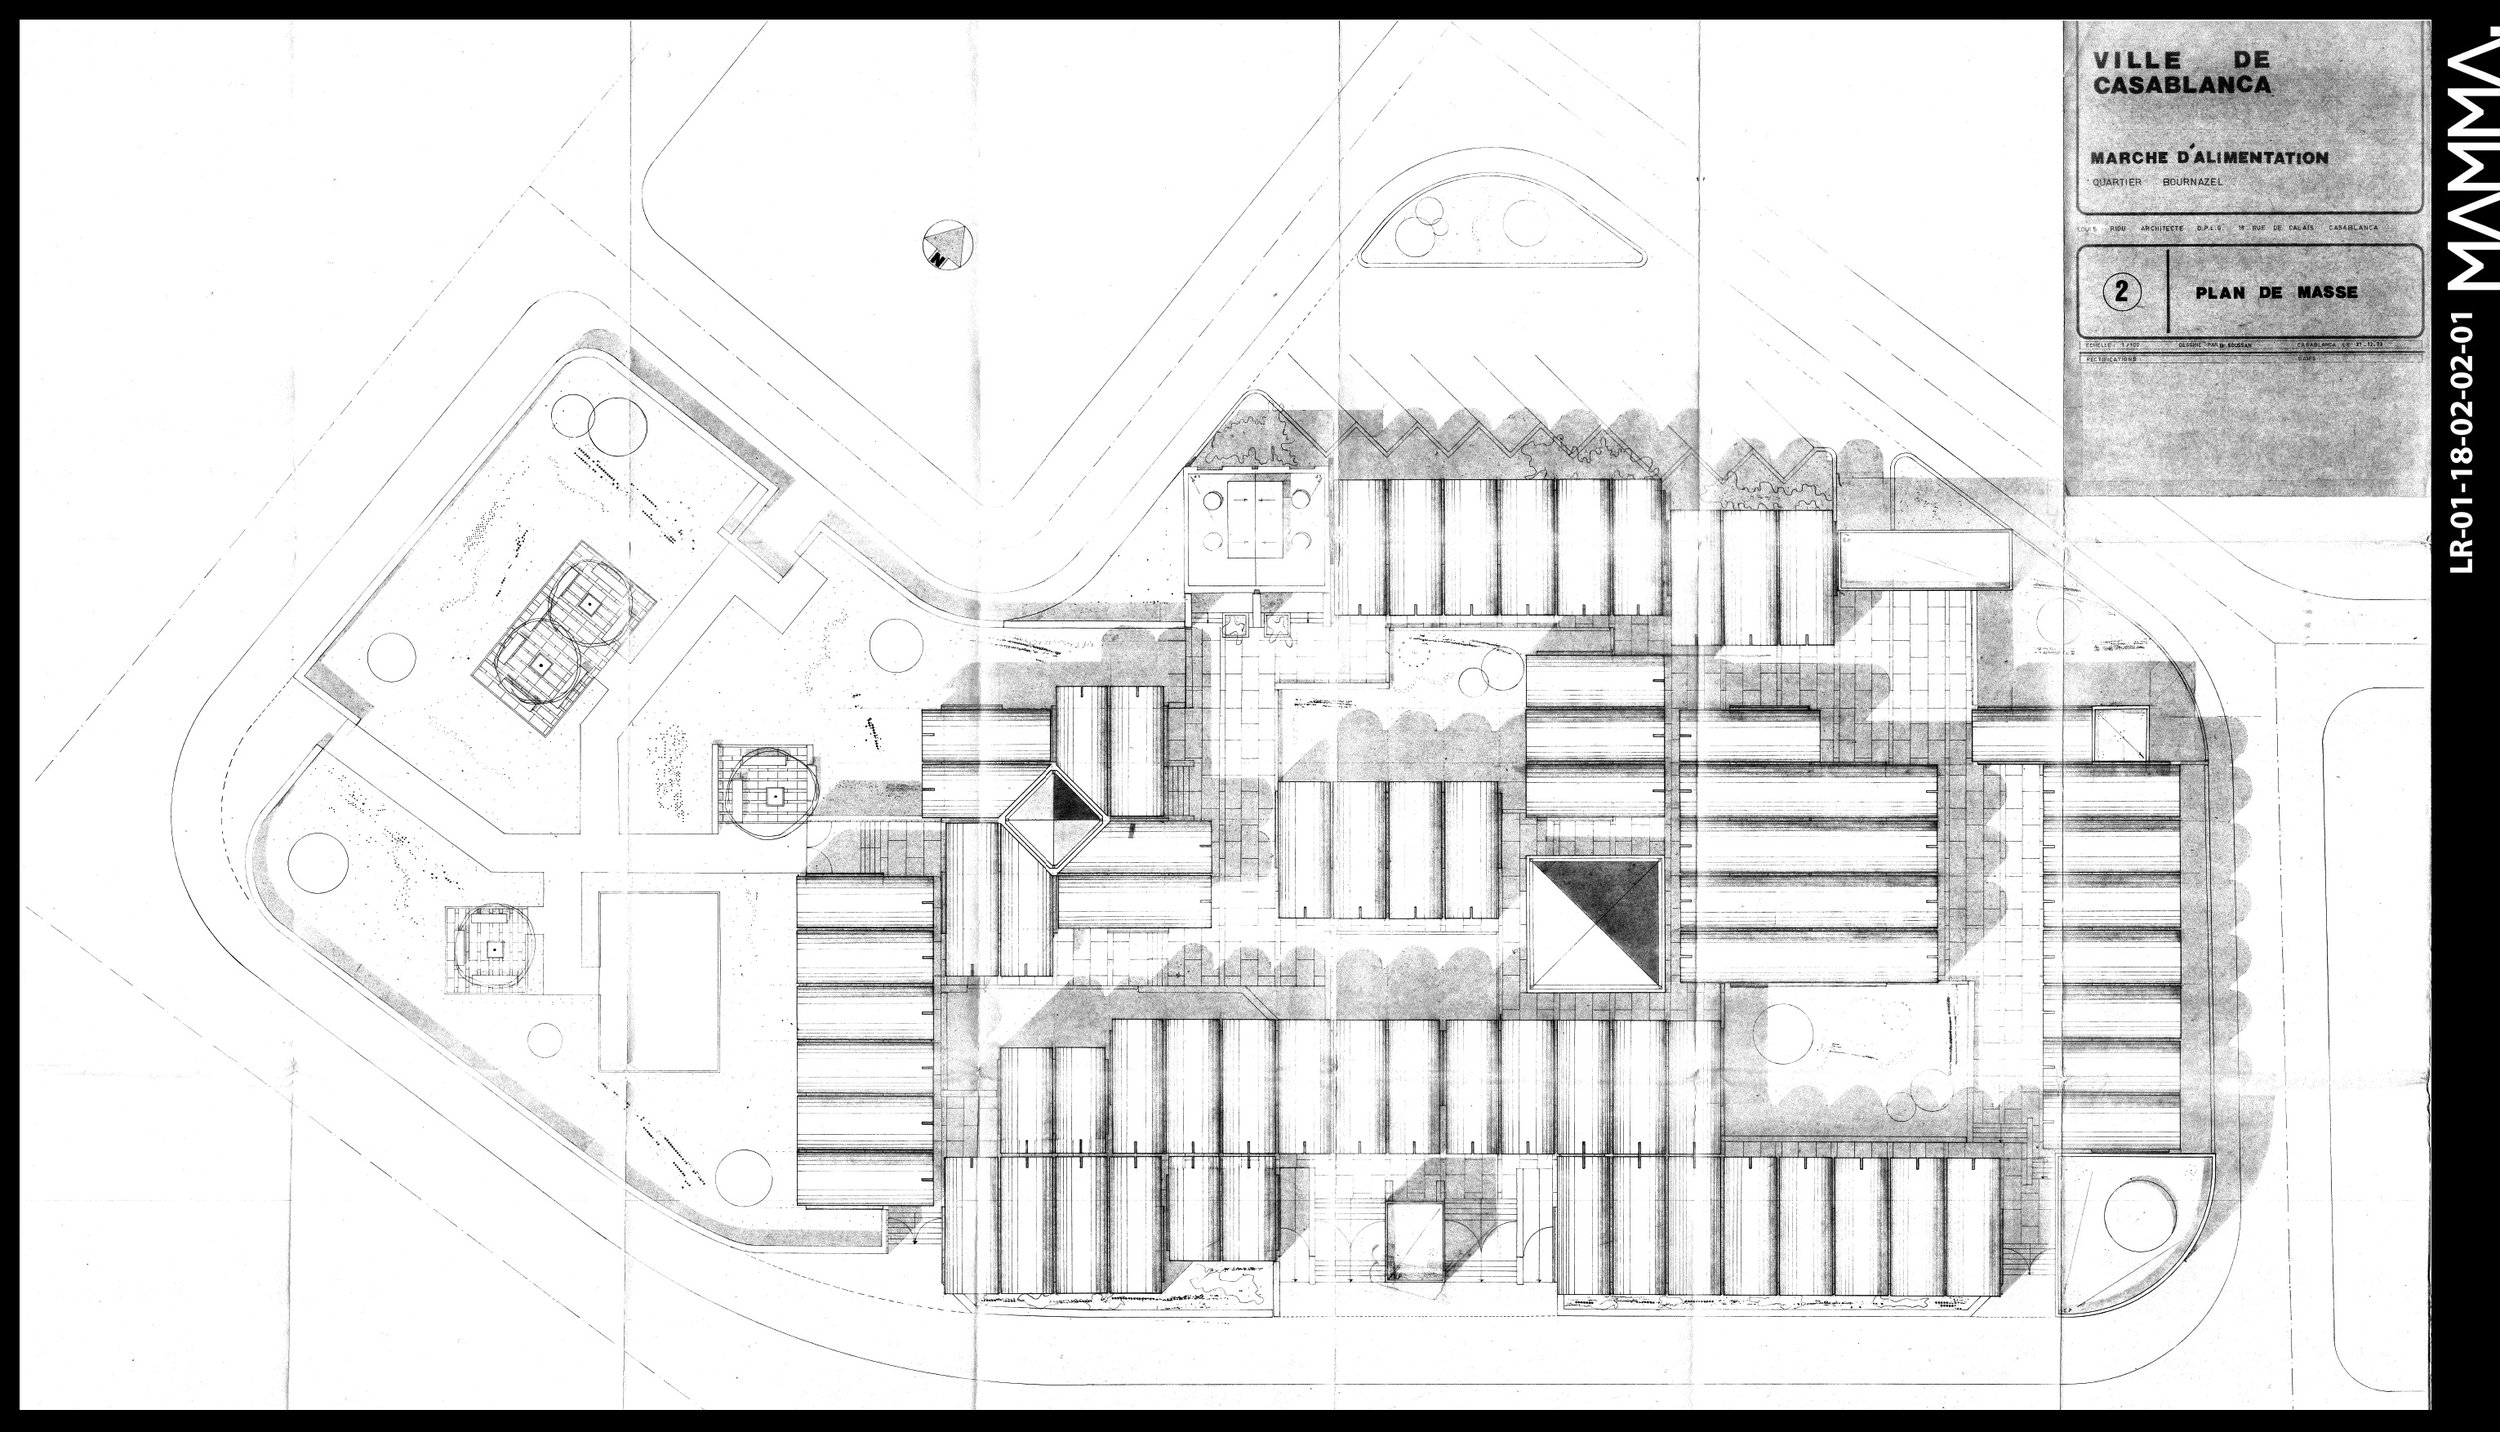 1973-Marché d'alimentation - quartier Bournazel à Casablanca   Agence: Louis Riou  Contenu: Plan masse  Dimensions: 139,9 x 91,4 cm       © MAMMAARCHIVE   Réf: MAMMA- LR-01-18-02-02-01